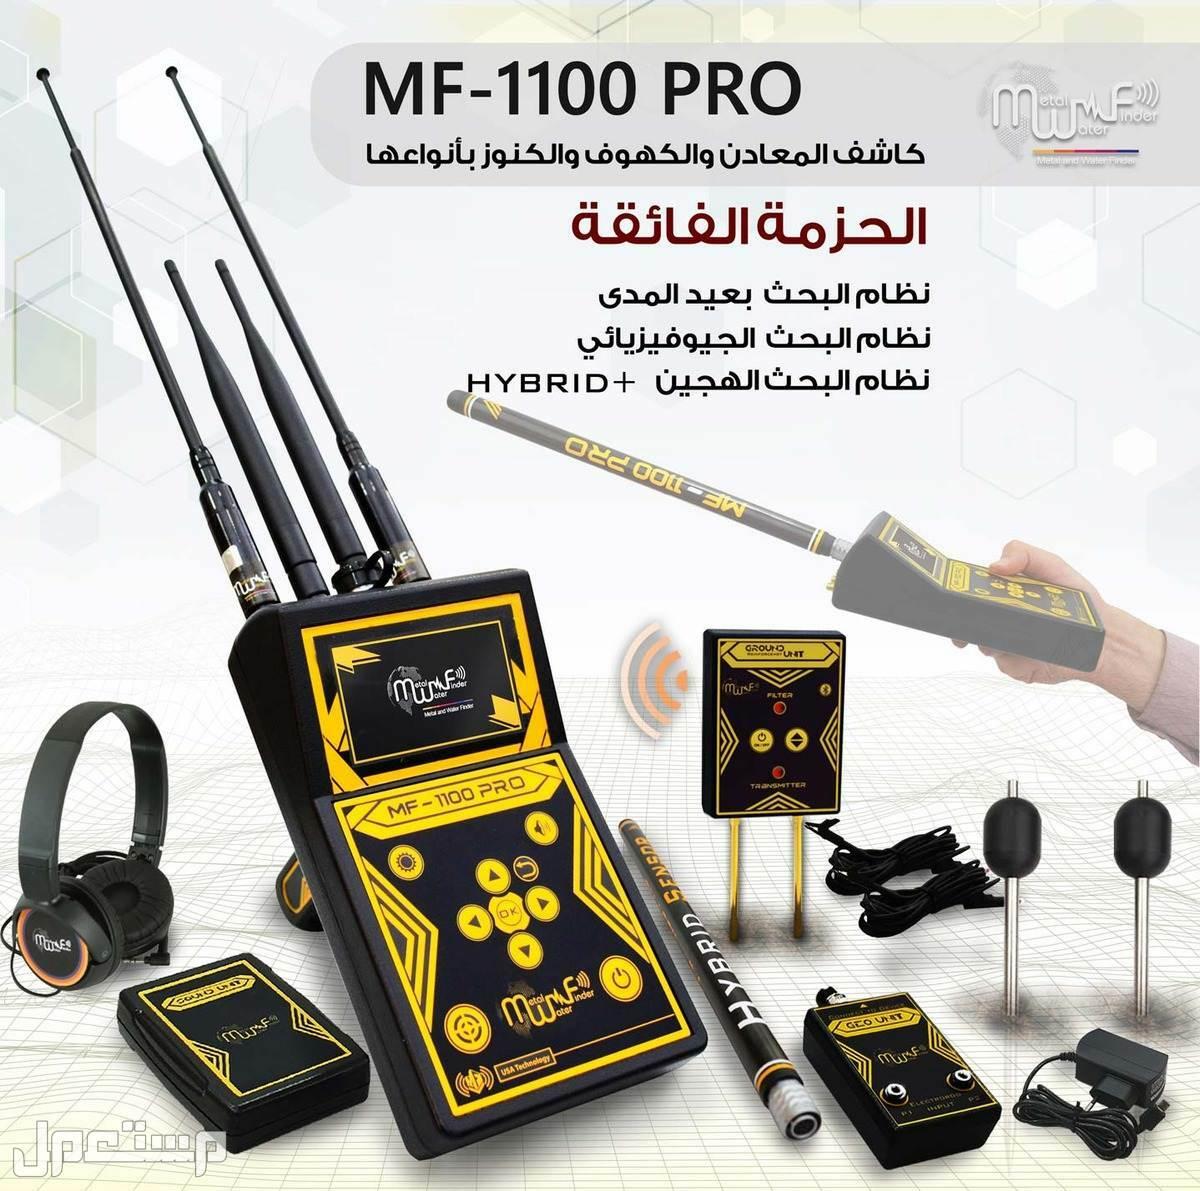 MF1100 PRO جهاز كشف الذهب الأستشعاري المتطور جهاز كشف الذهب MF 1100 PRO المتطور ( الحزمة الفائقة  )